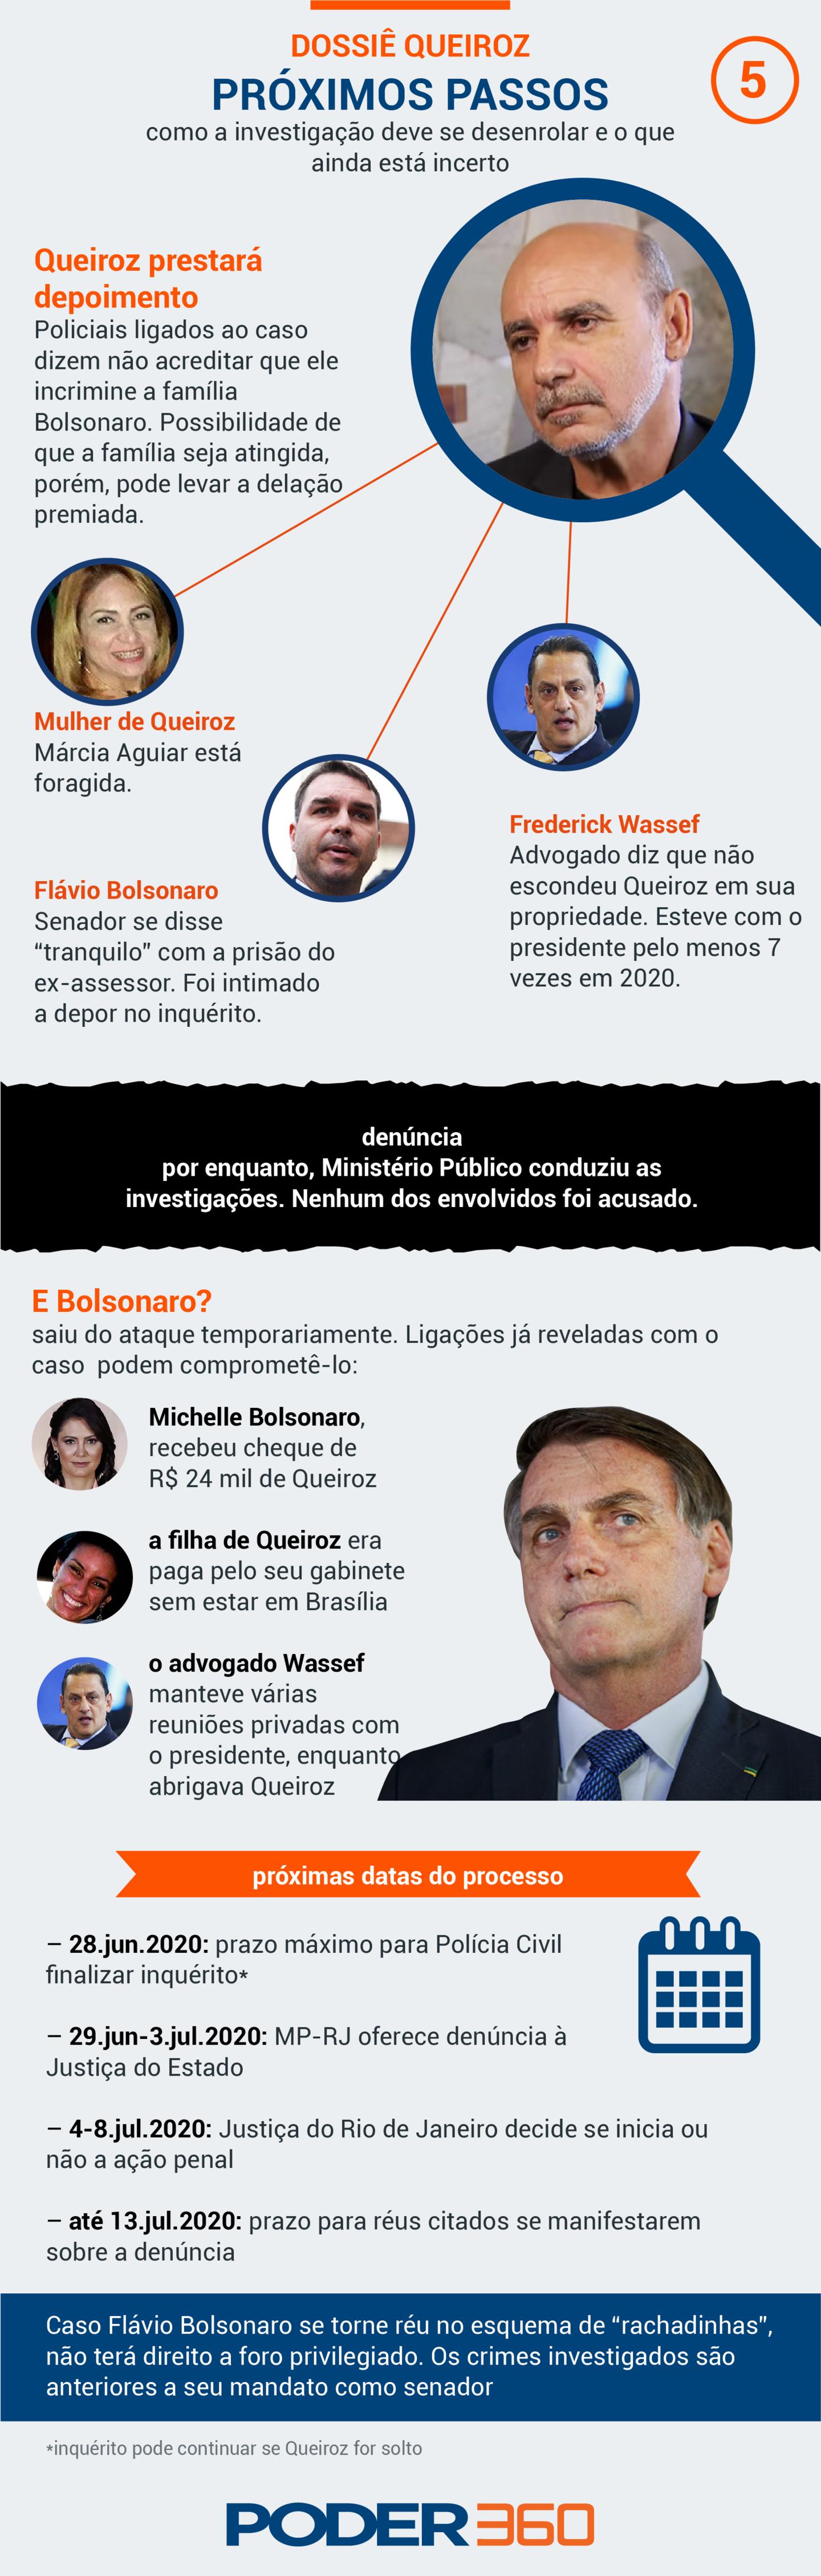 Infografico revela dinâmica de esquema supostamente envolvendo a família presidencial do Brasil